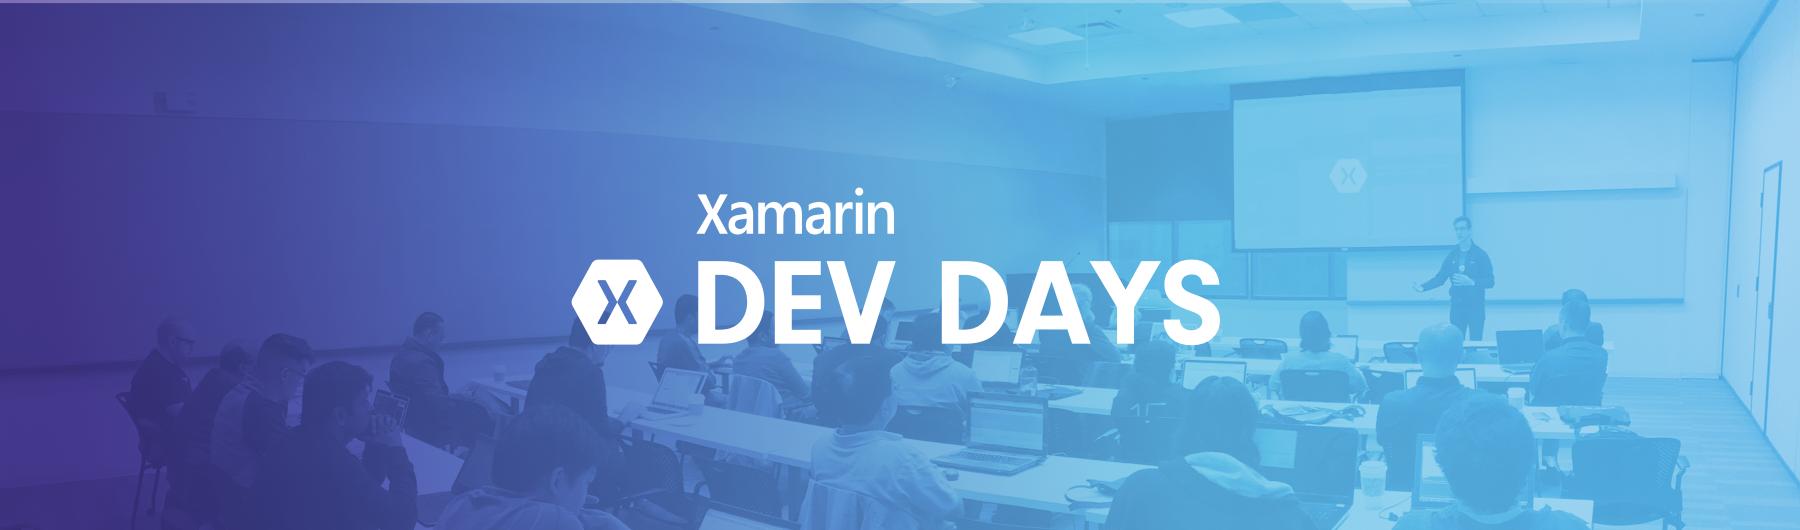 Xamarin Dev Days - Vienna